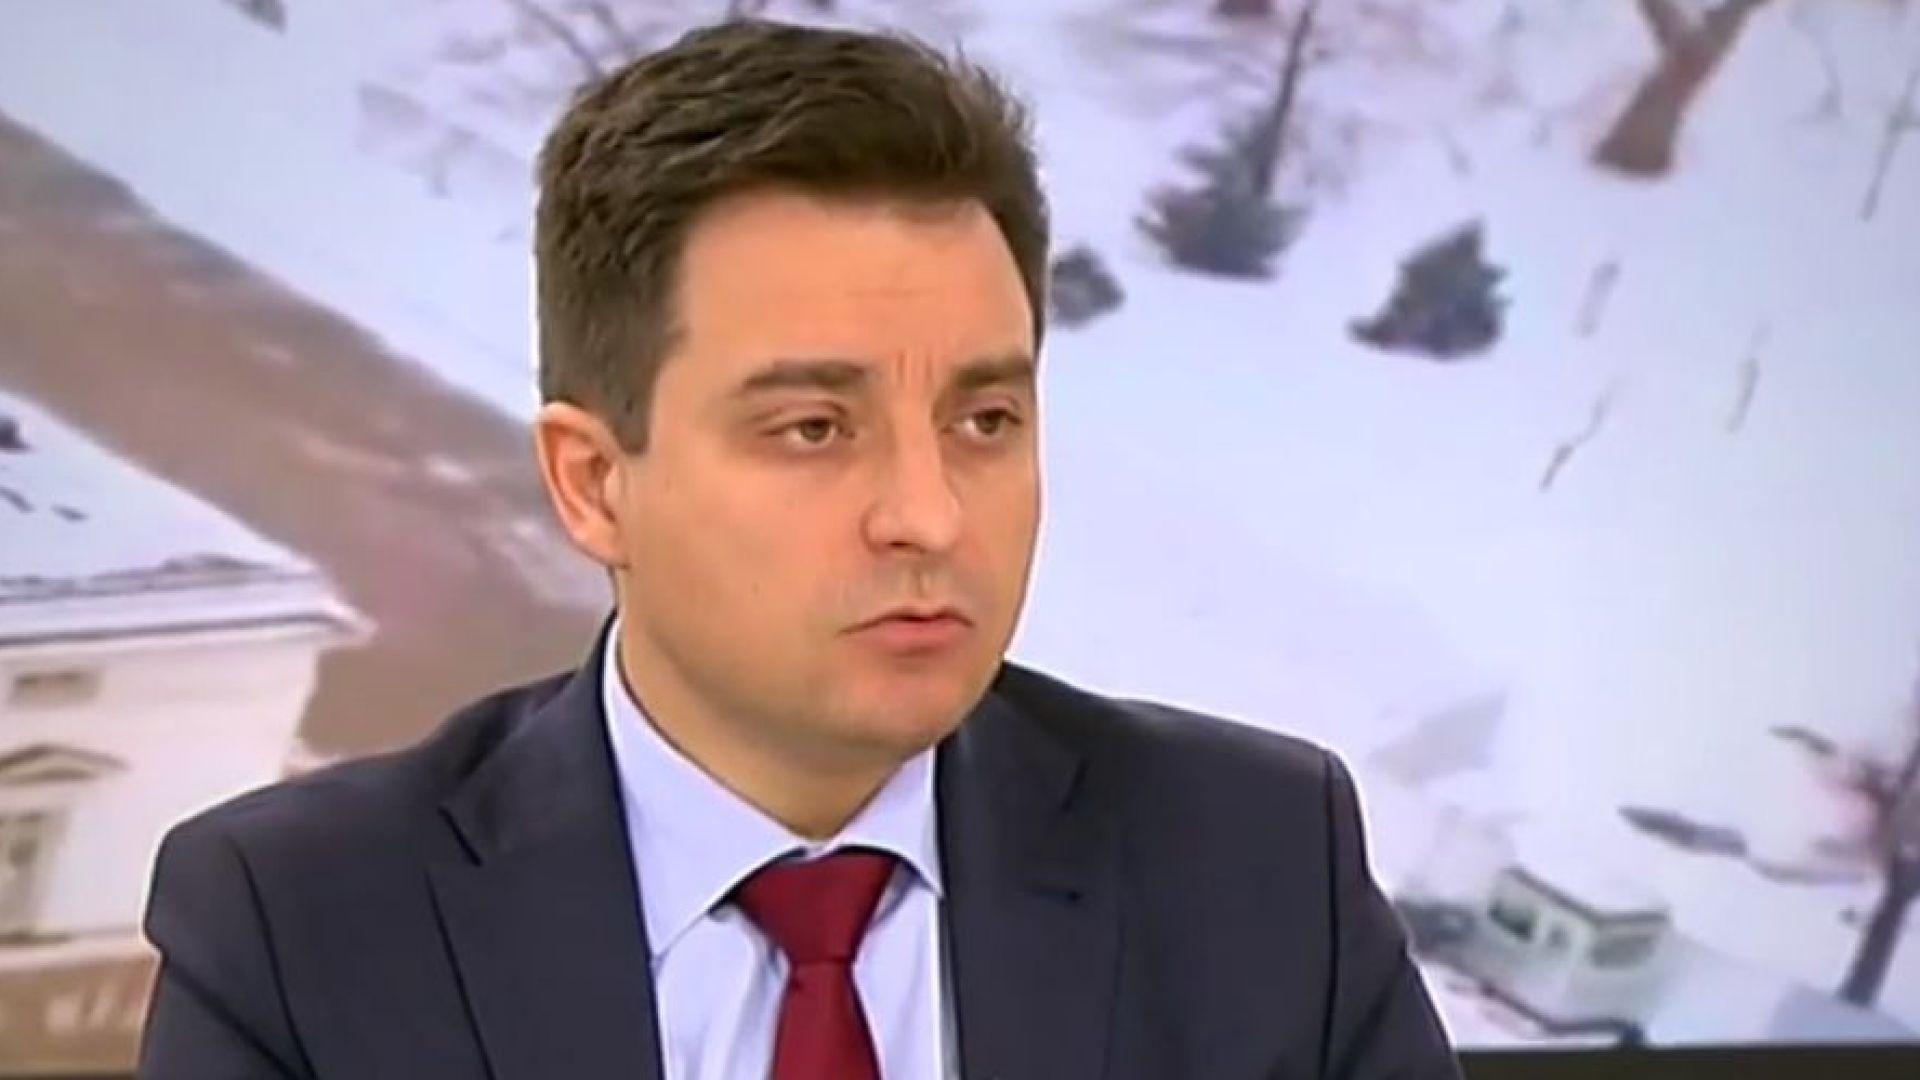 Управляващите се опитват да замажат случая с министър Боил Банов, казва Димитър Данчев